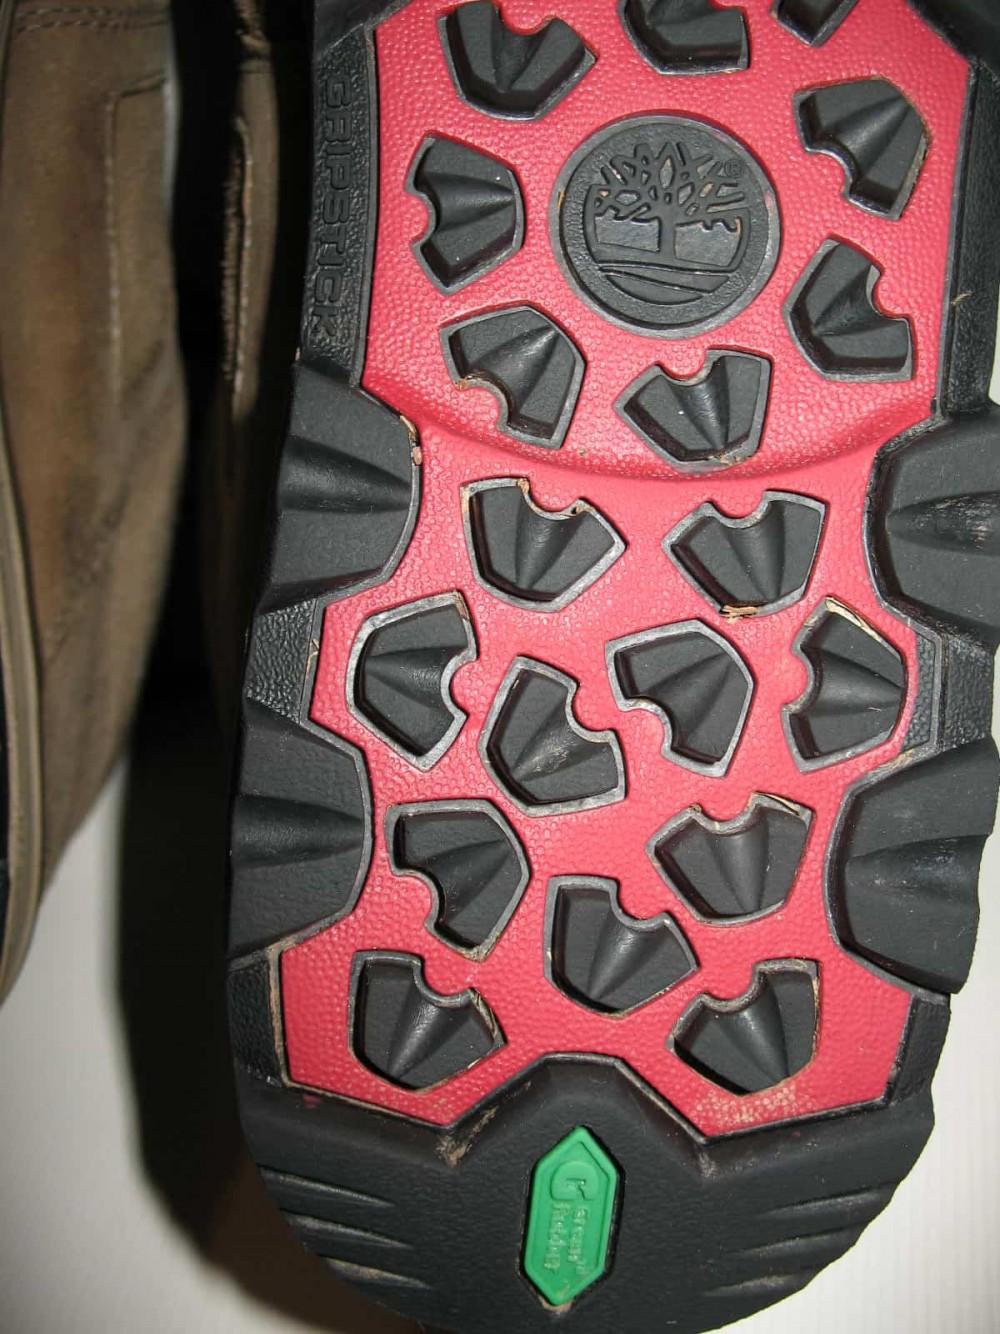 Ботинки TIMBERLAND Ek GT Scramble shoes(размер US9.5/UK9/EU43.5(на стопу до 275 mm)) - 9